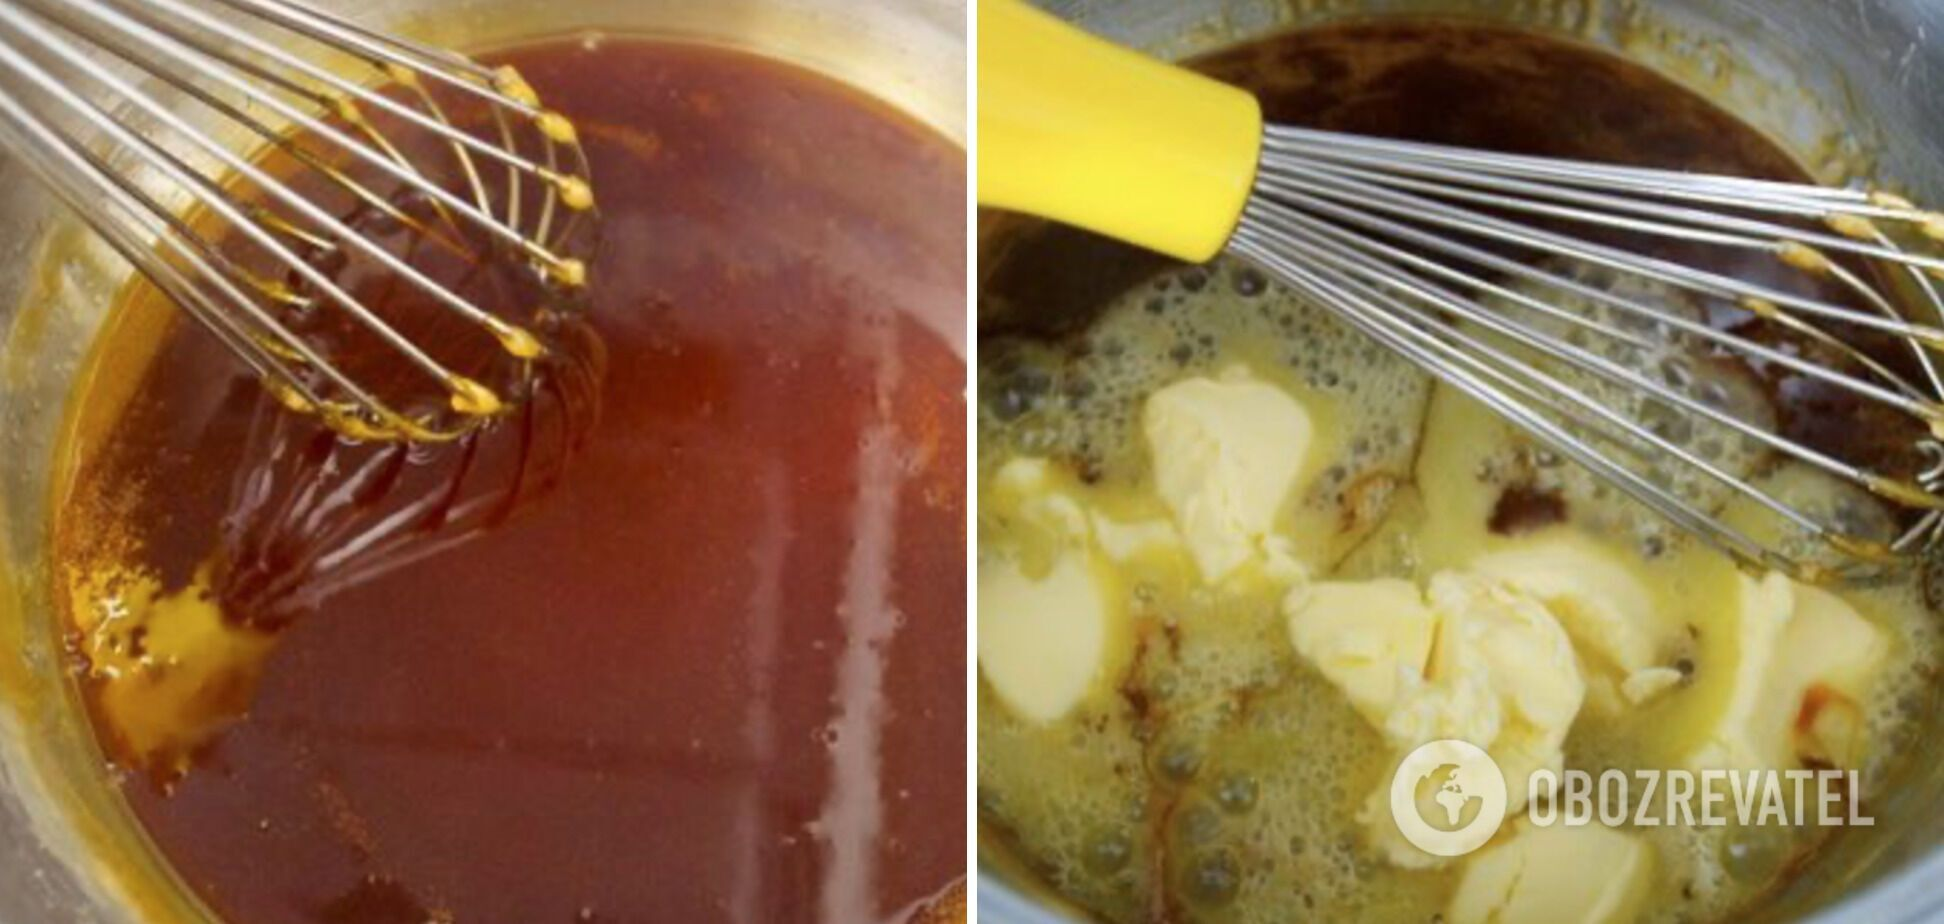 Обязательно добавляйте масло и сливки